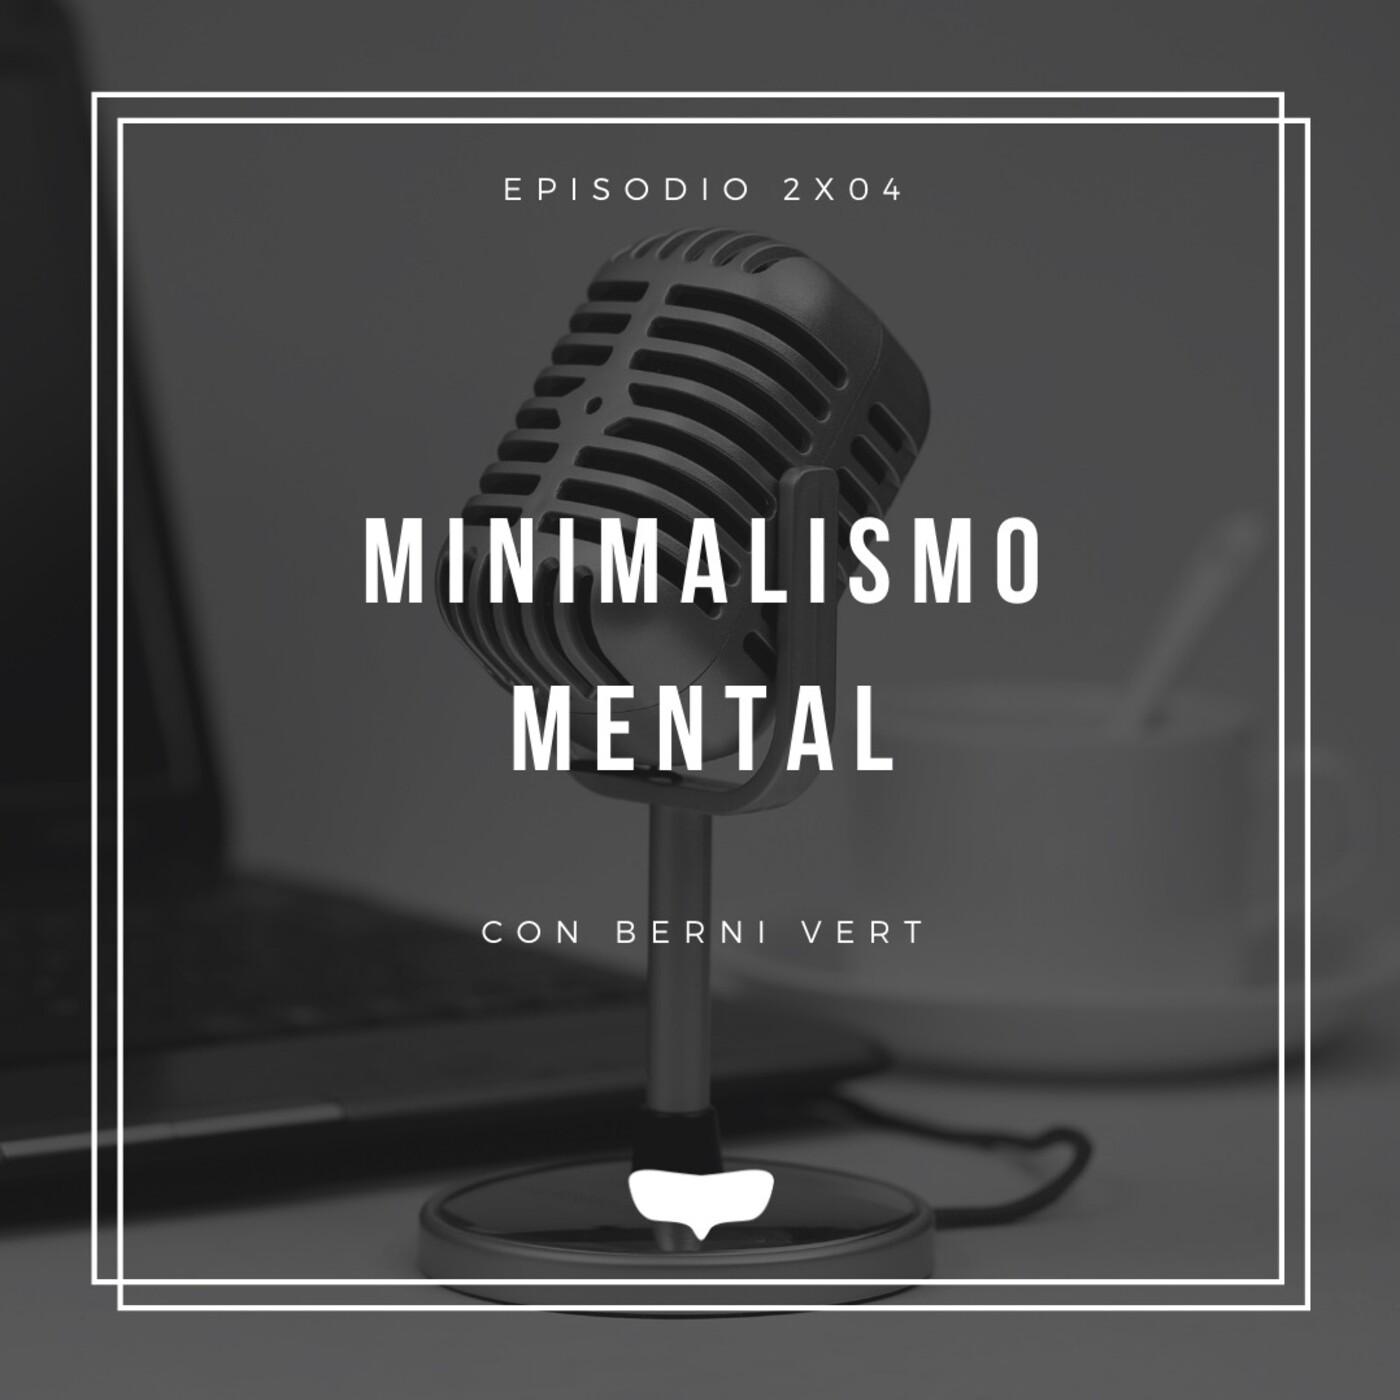 #2x04 Minimalismo mental y foco con Berni Vert